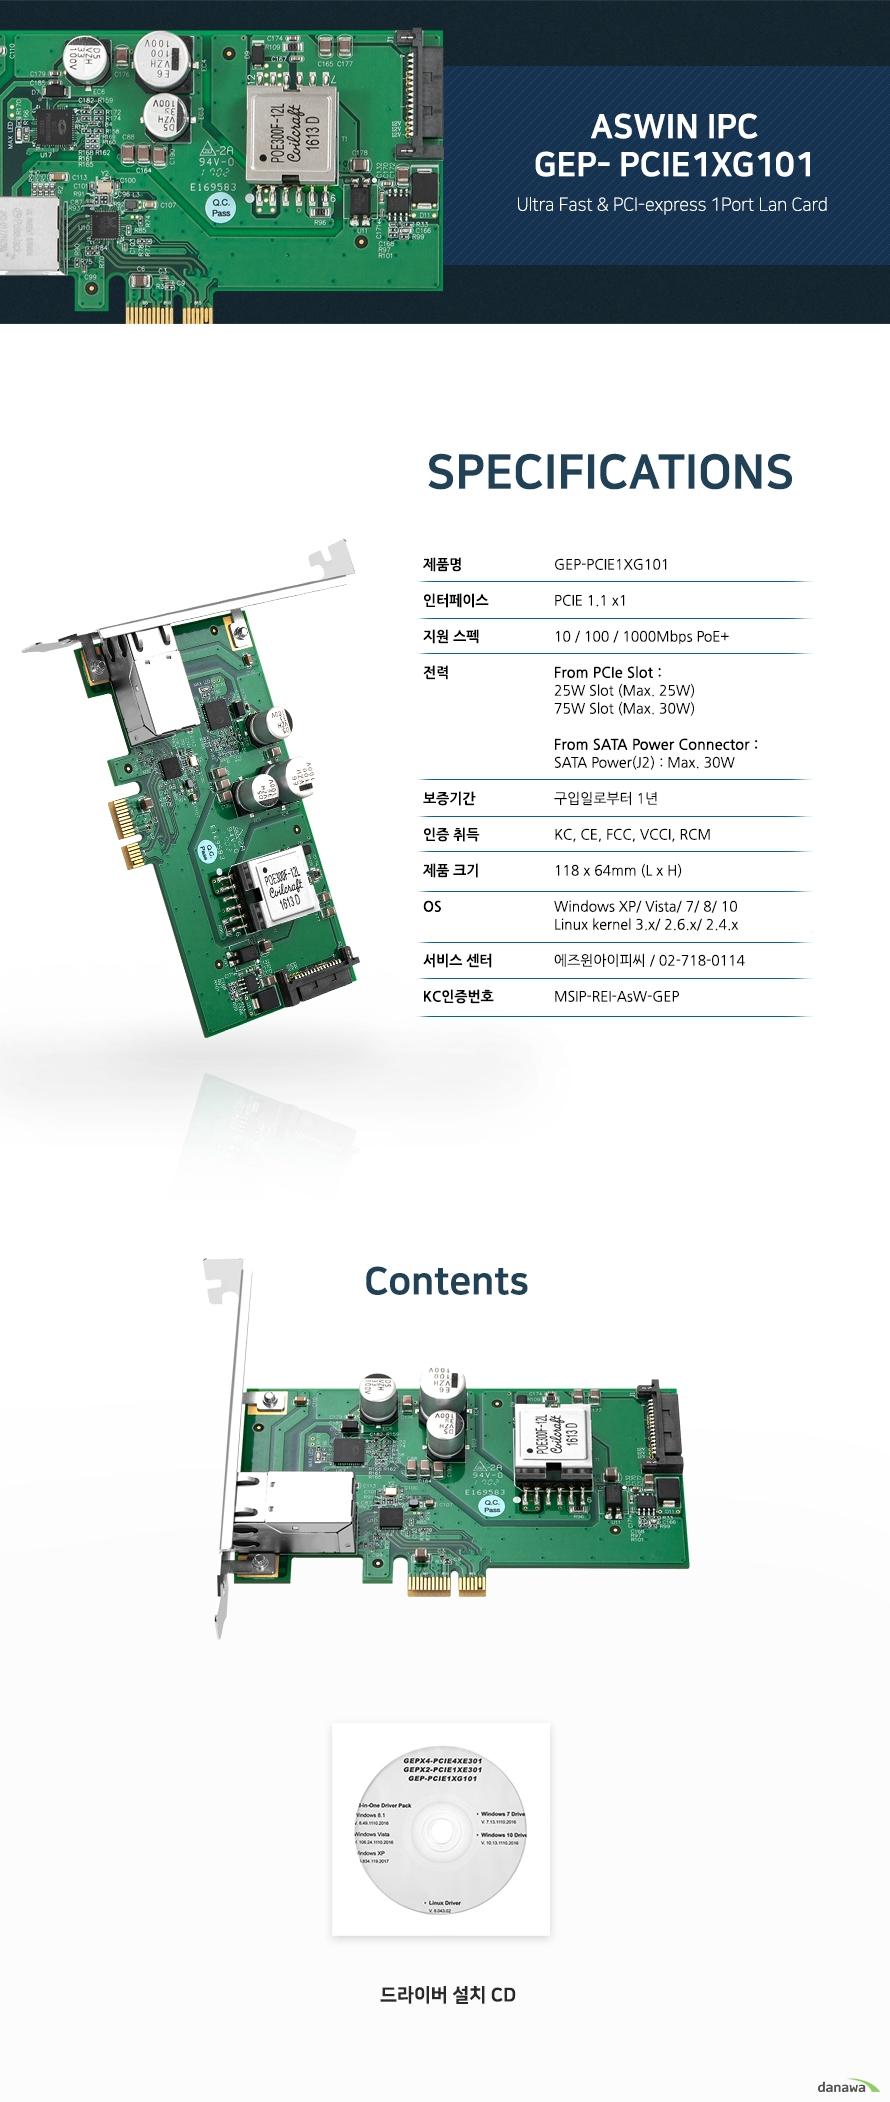 에즈윈아이피씨 GEP-PCIE1XG101 기가비트 랜카드